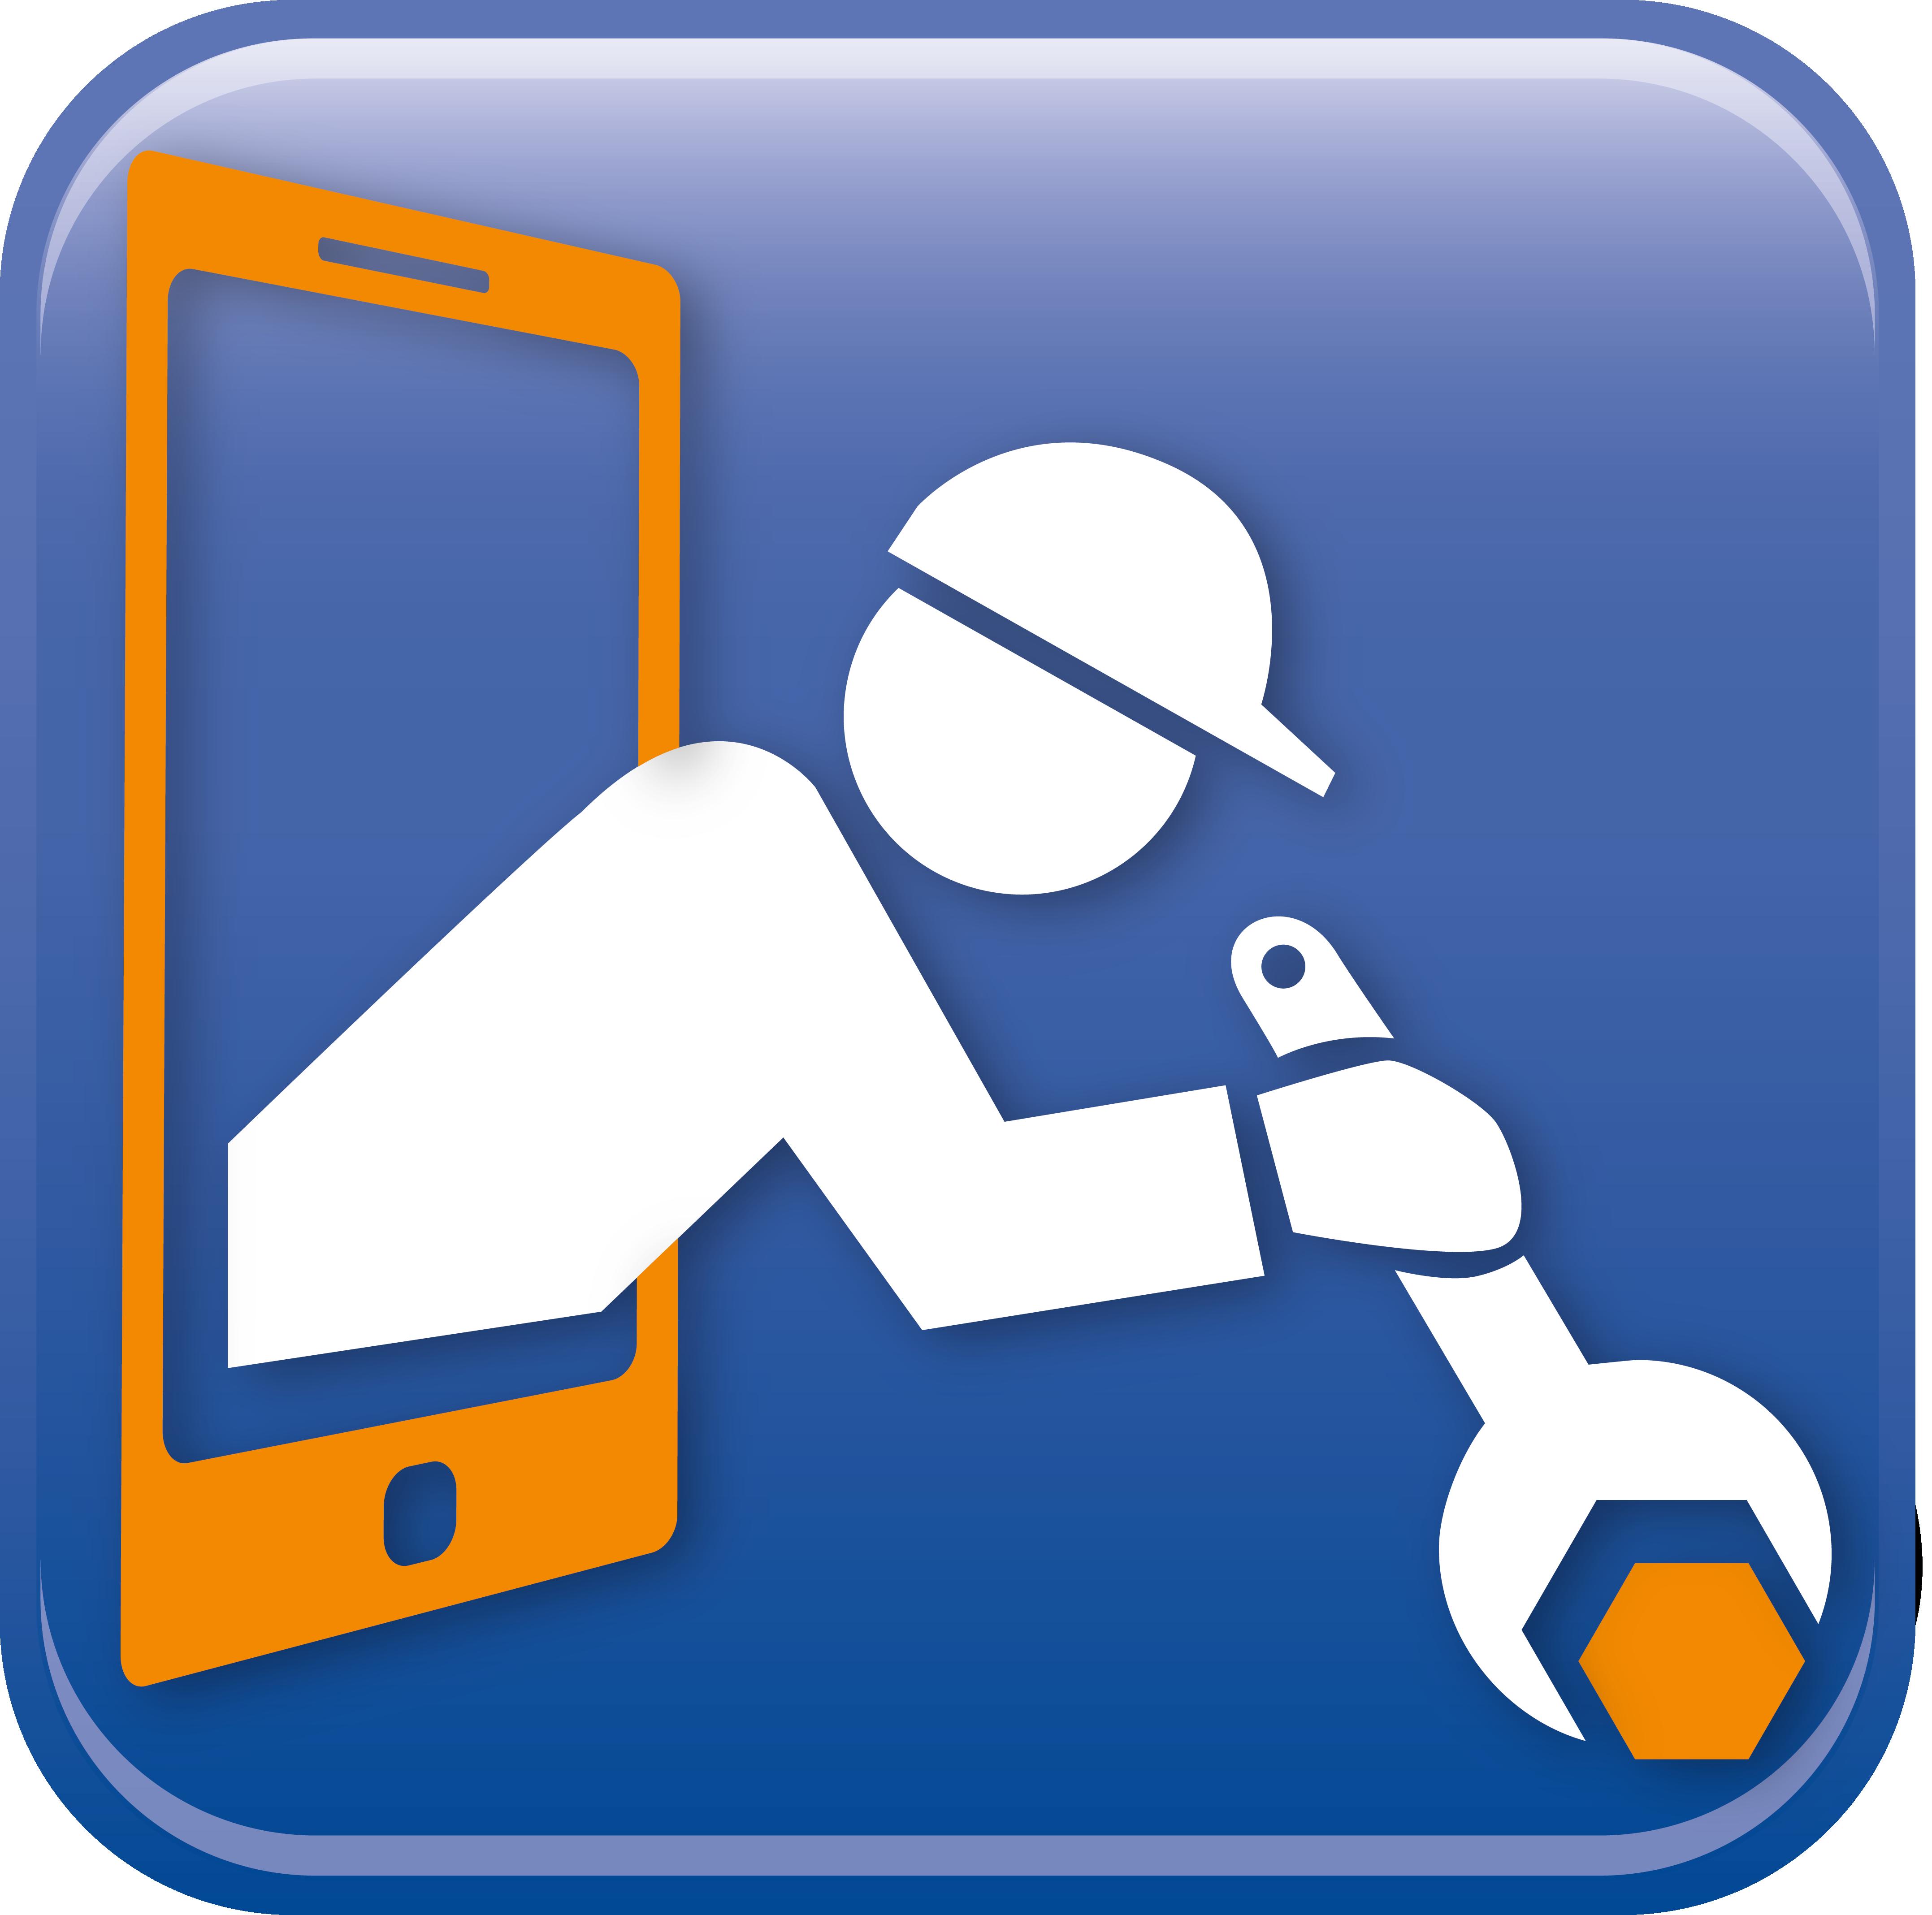 Kommunikations-Toolfür effizienten Service